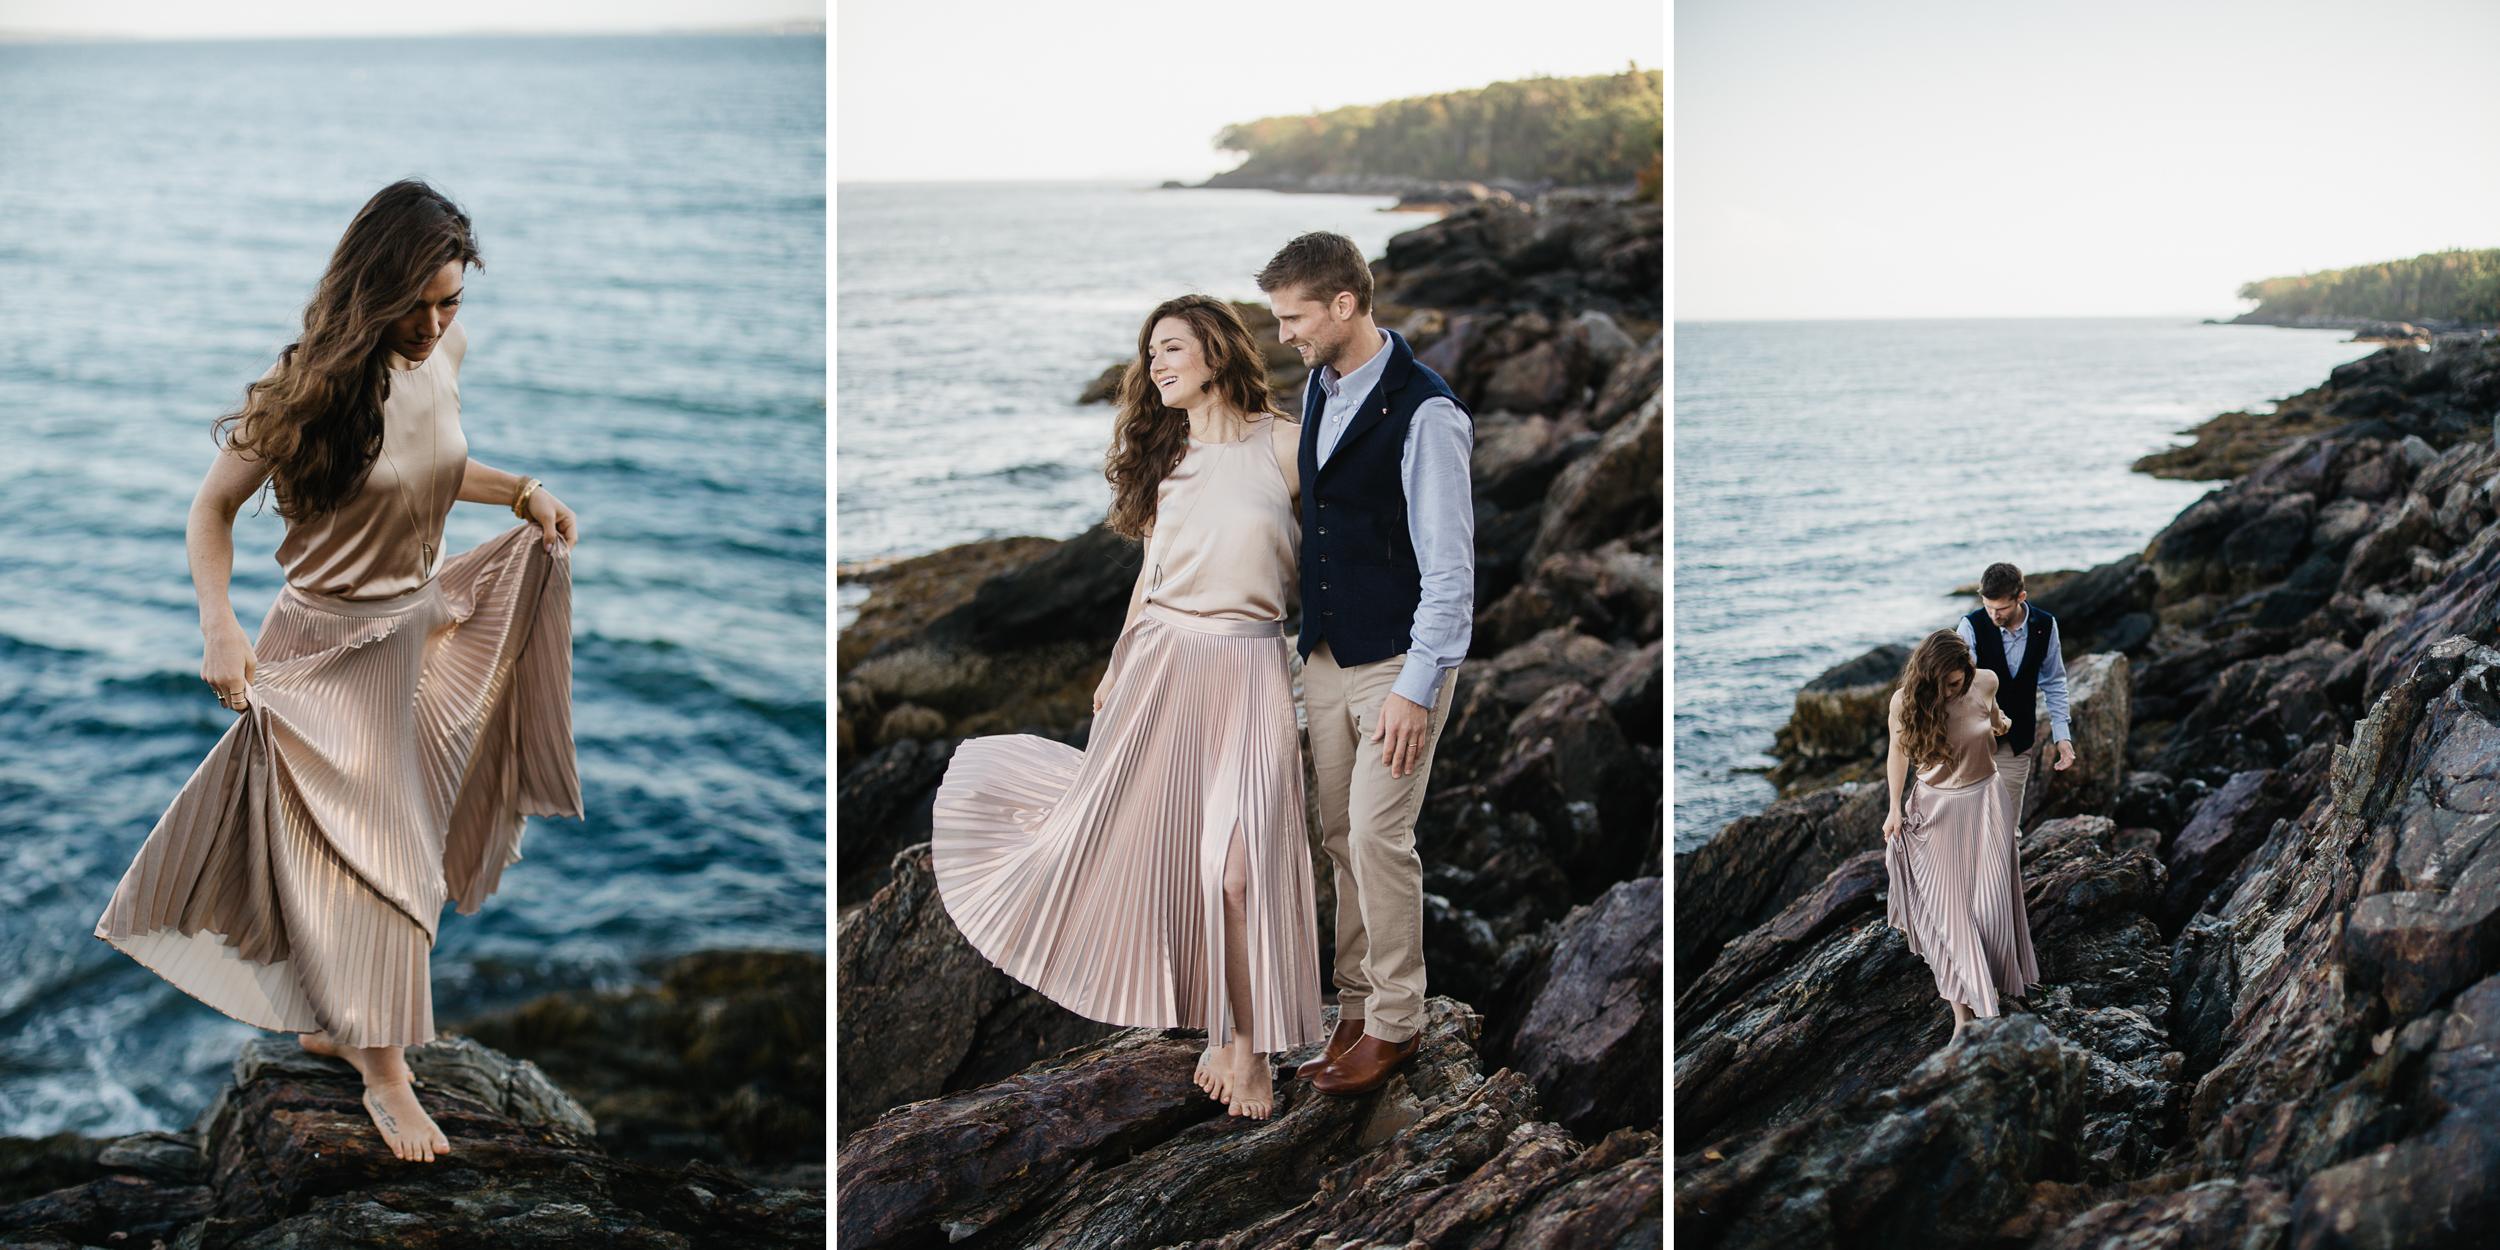 Mackenzie_Collins_Day_Two_Flatbread_Company_rockport_Maine_wedding_003.jpg